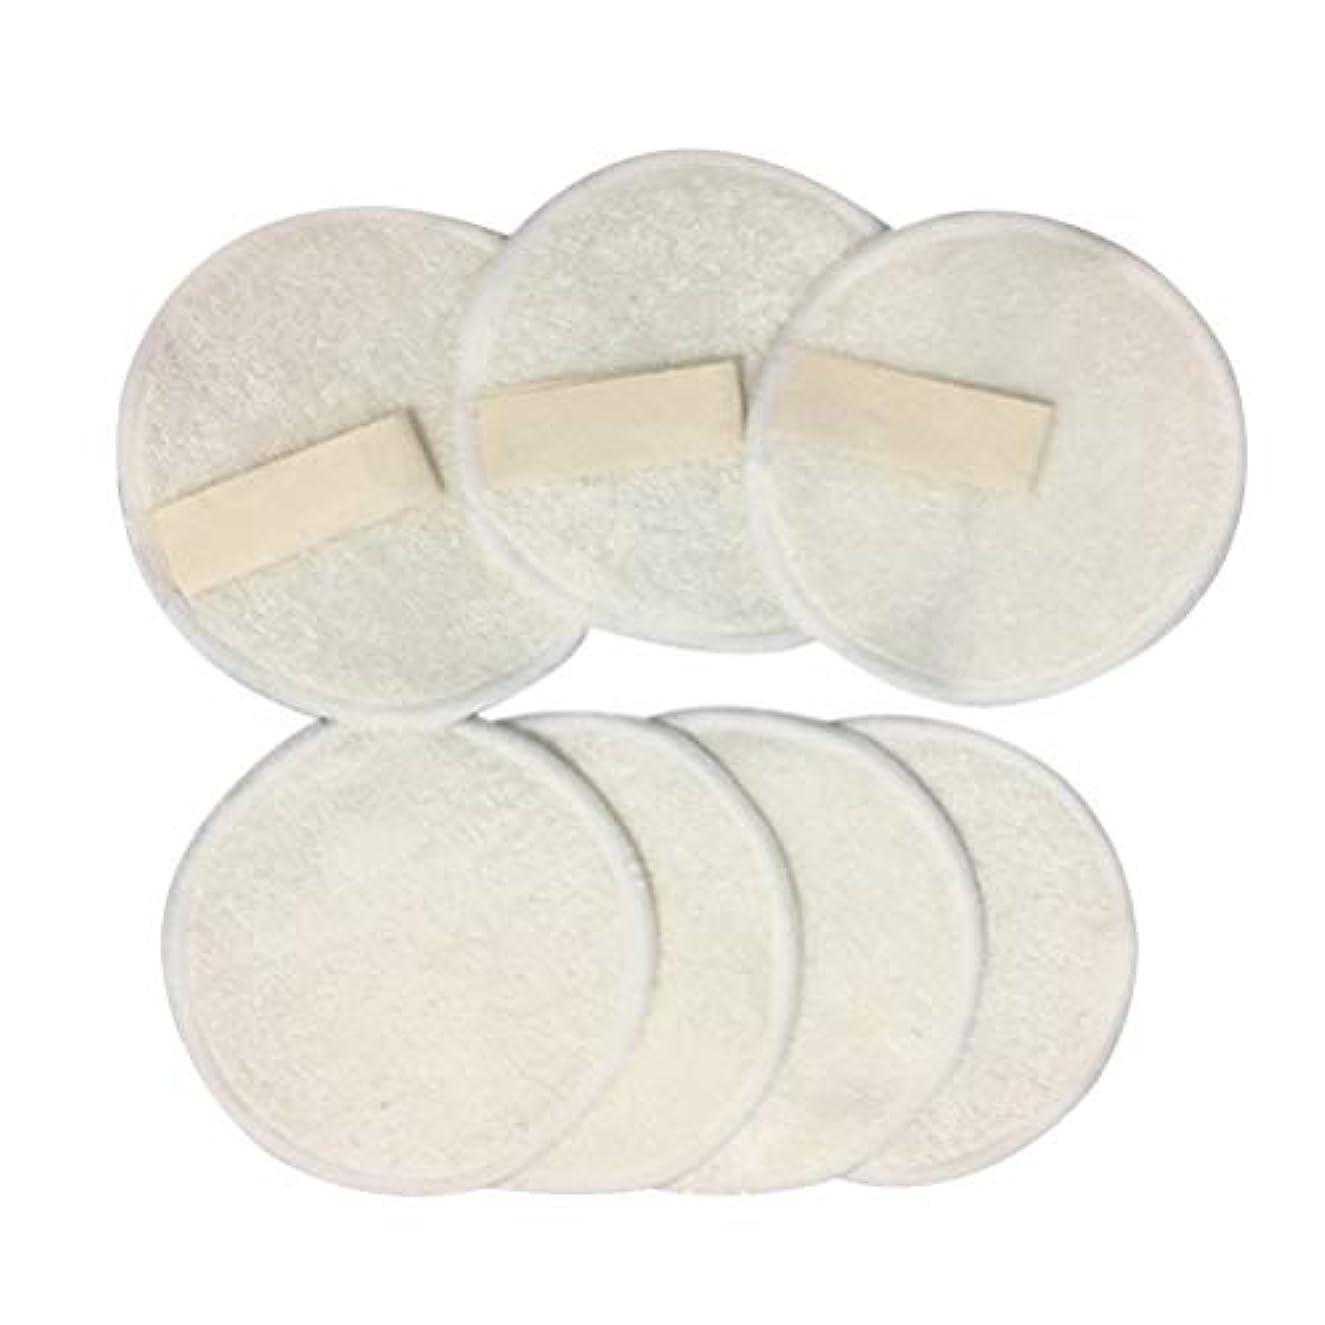 パリティまたね赤SUPVOX 竹コットンパッド 天然コットン 化粧リムーバーパッド 再利用可能 化粧落としパッド メイク落とし 10枚セット 洗い簡単